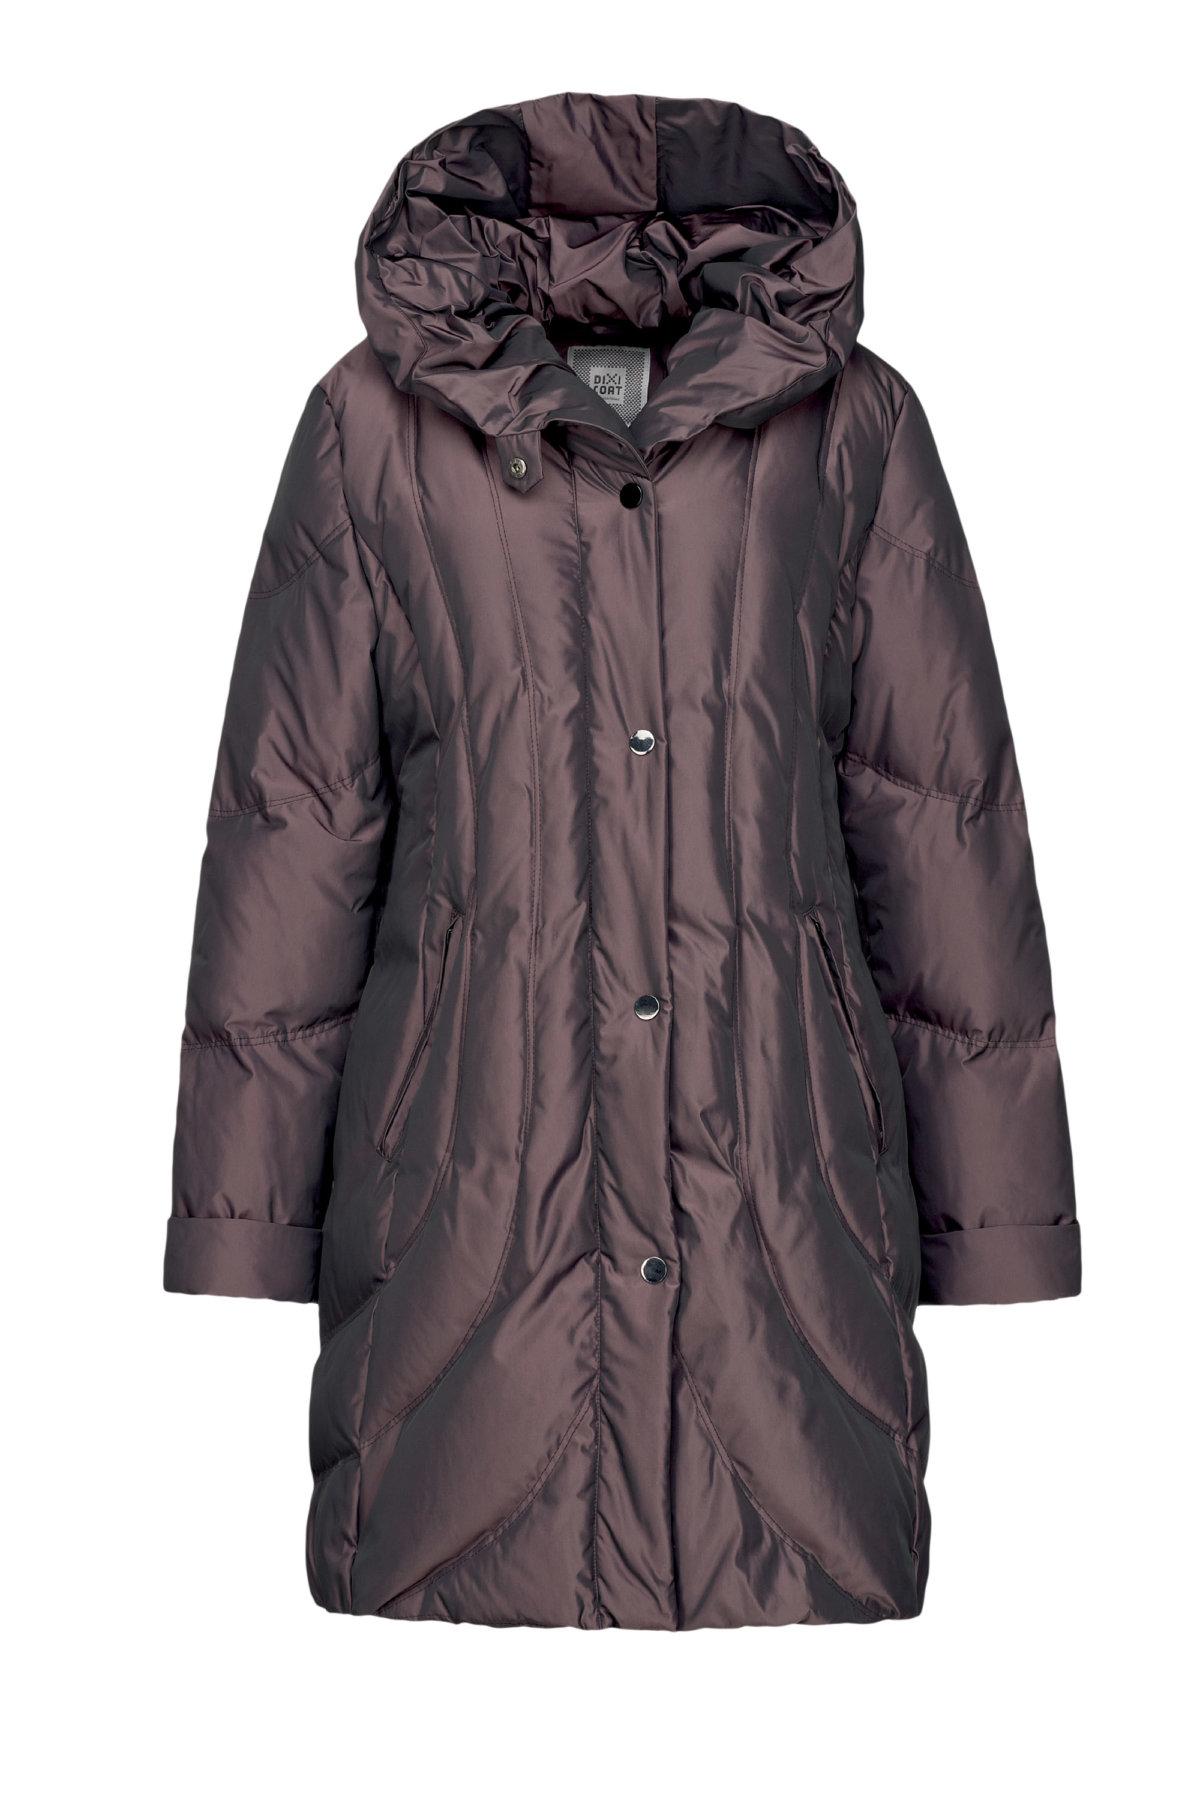 DIXI COAT. Осень/зима 2011/2012. Модель 511-977